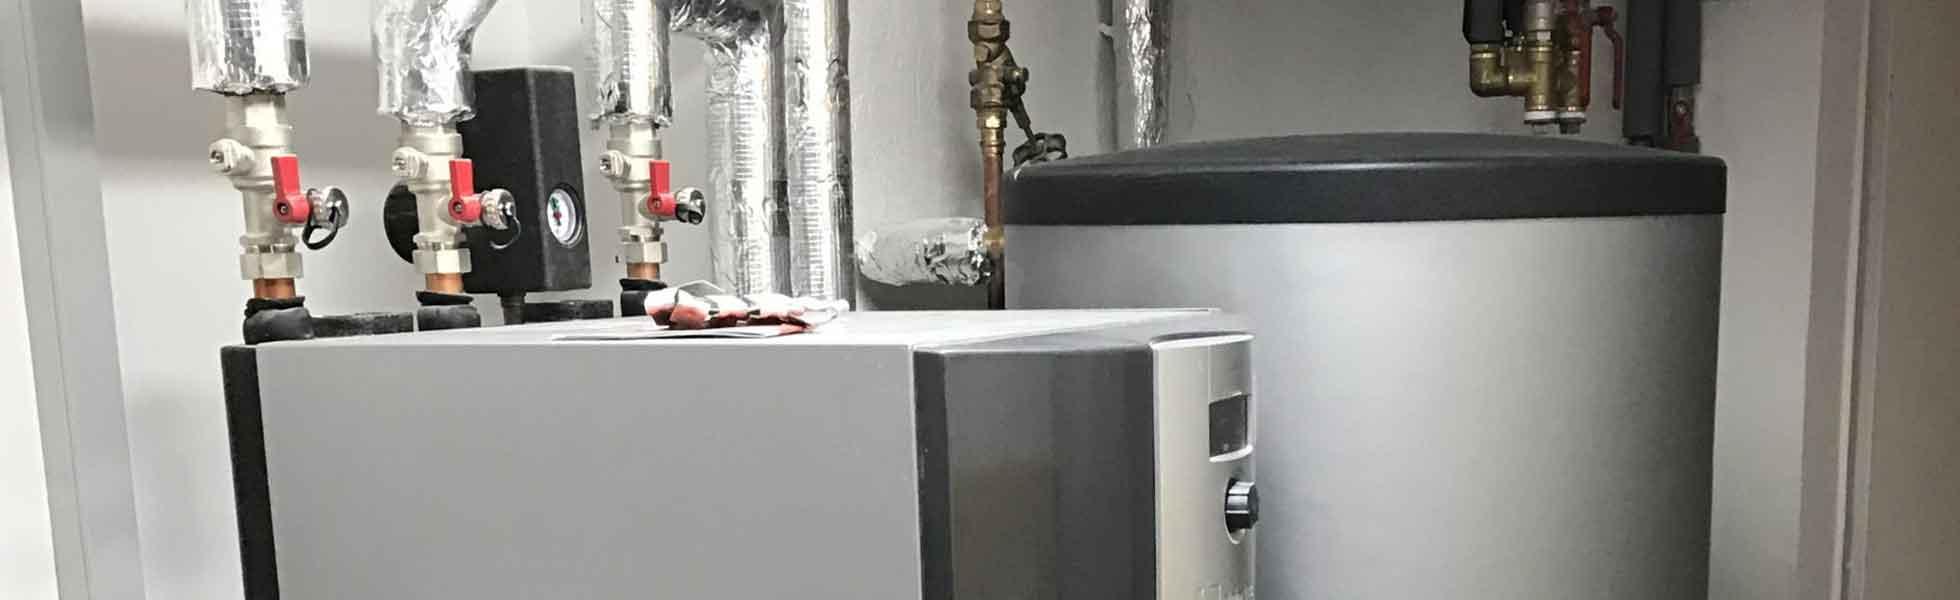 Sanierung im Bestandsbau mit Sole-Wasser-Wärmepumpe